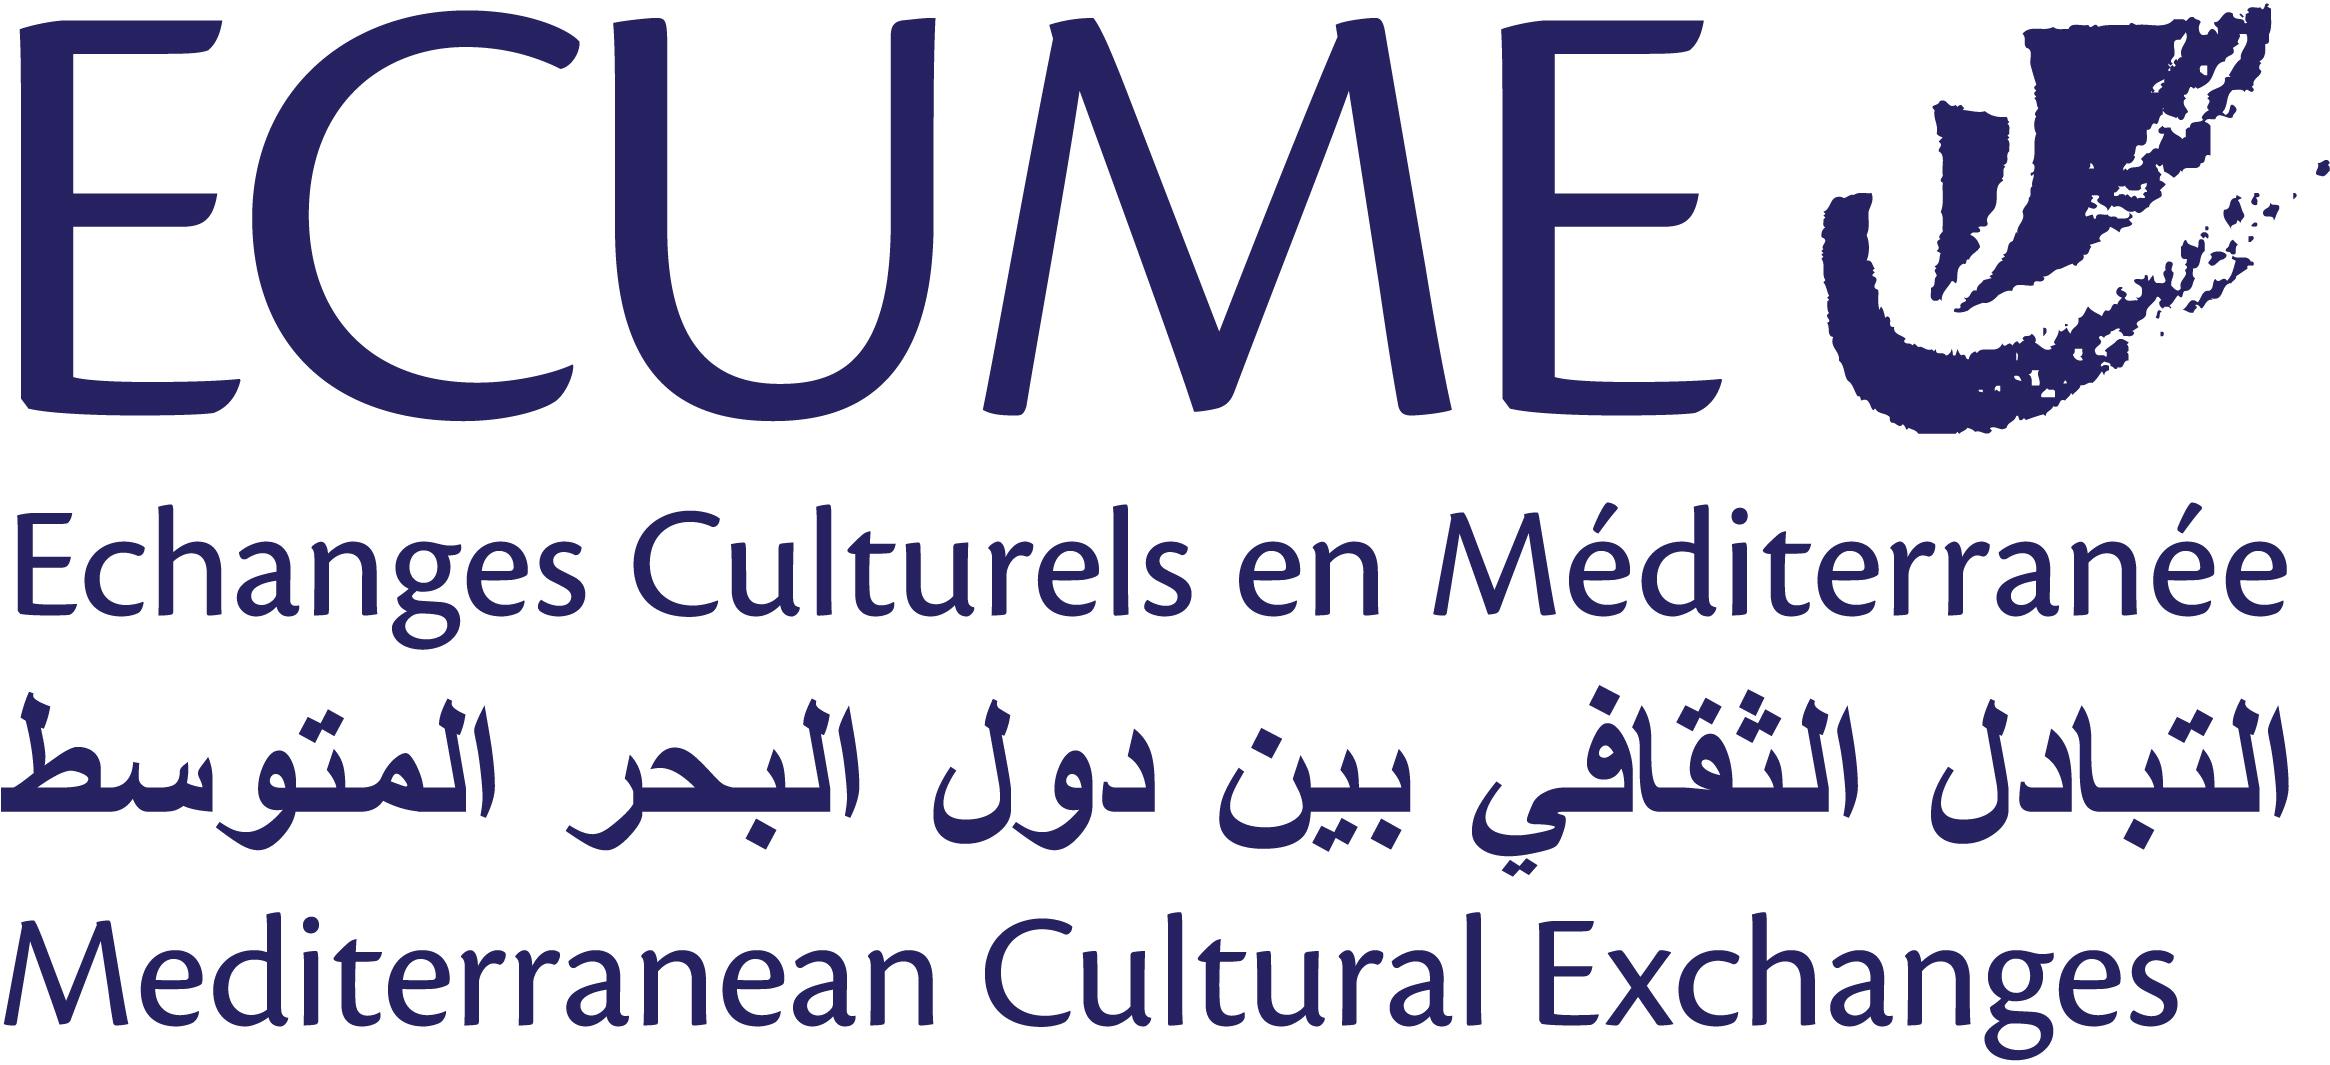 logo for Echanges culturels en Méditerranée